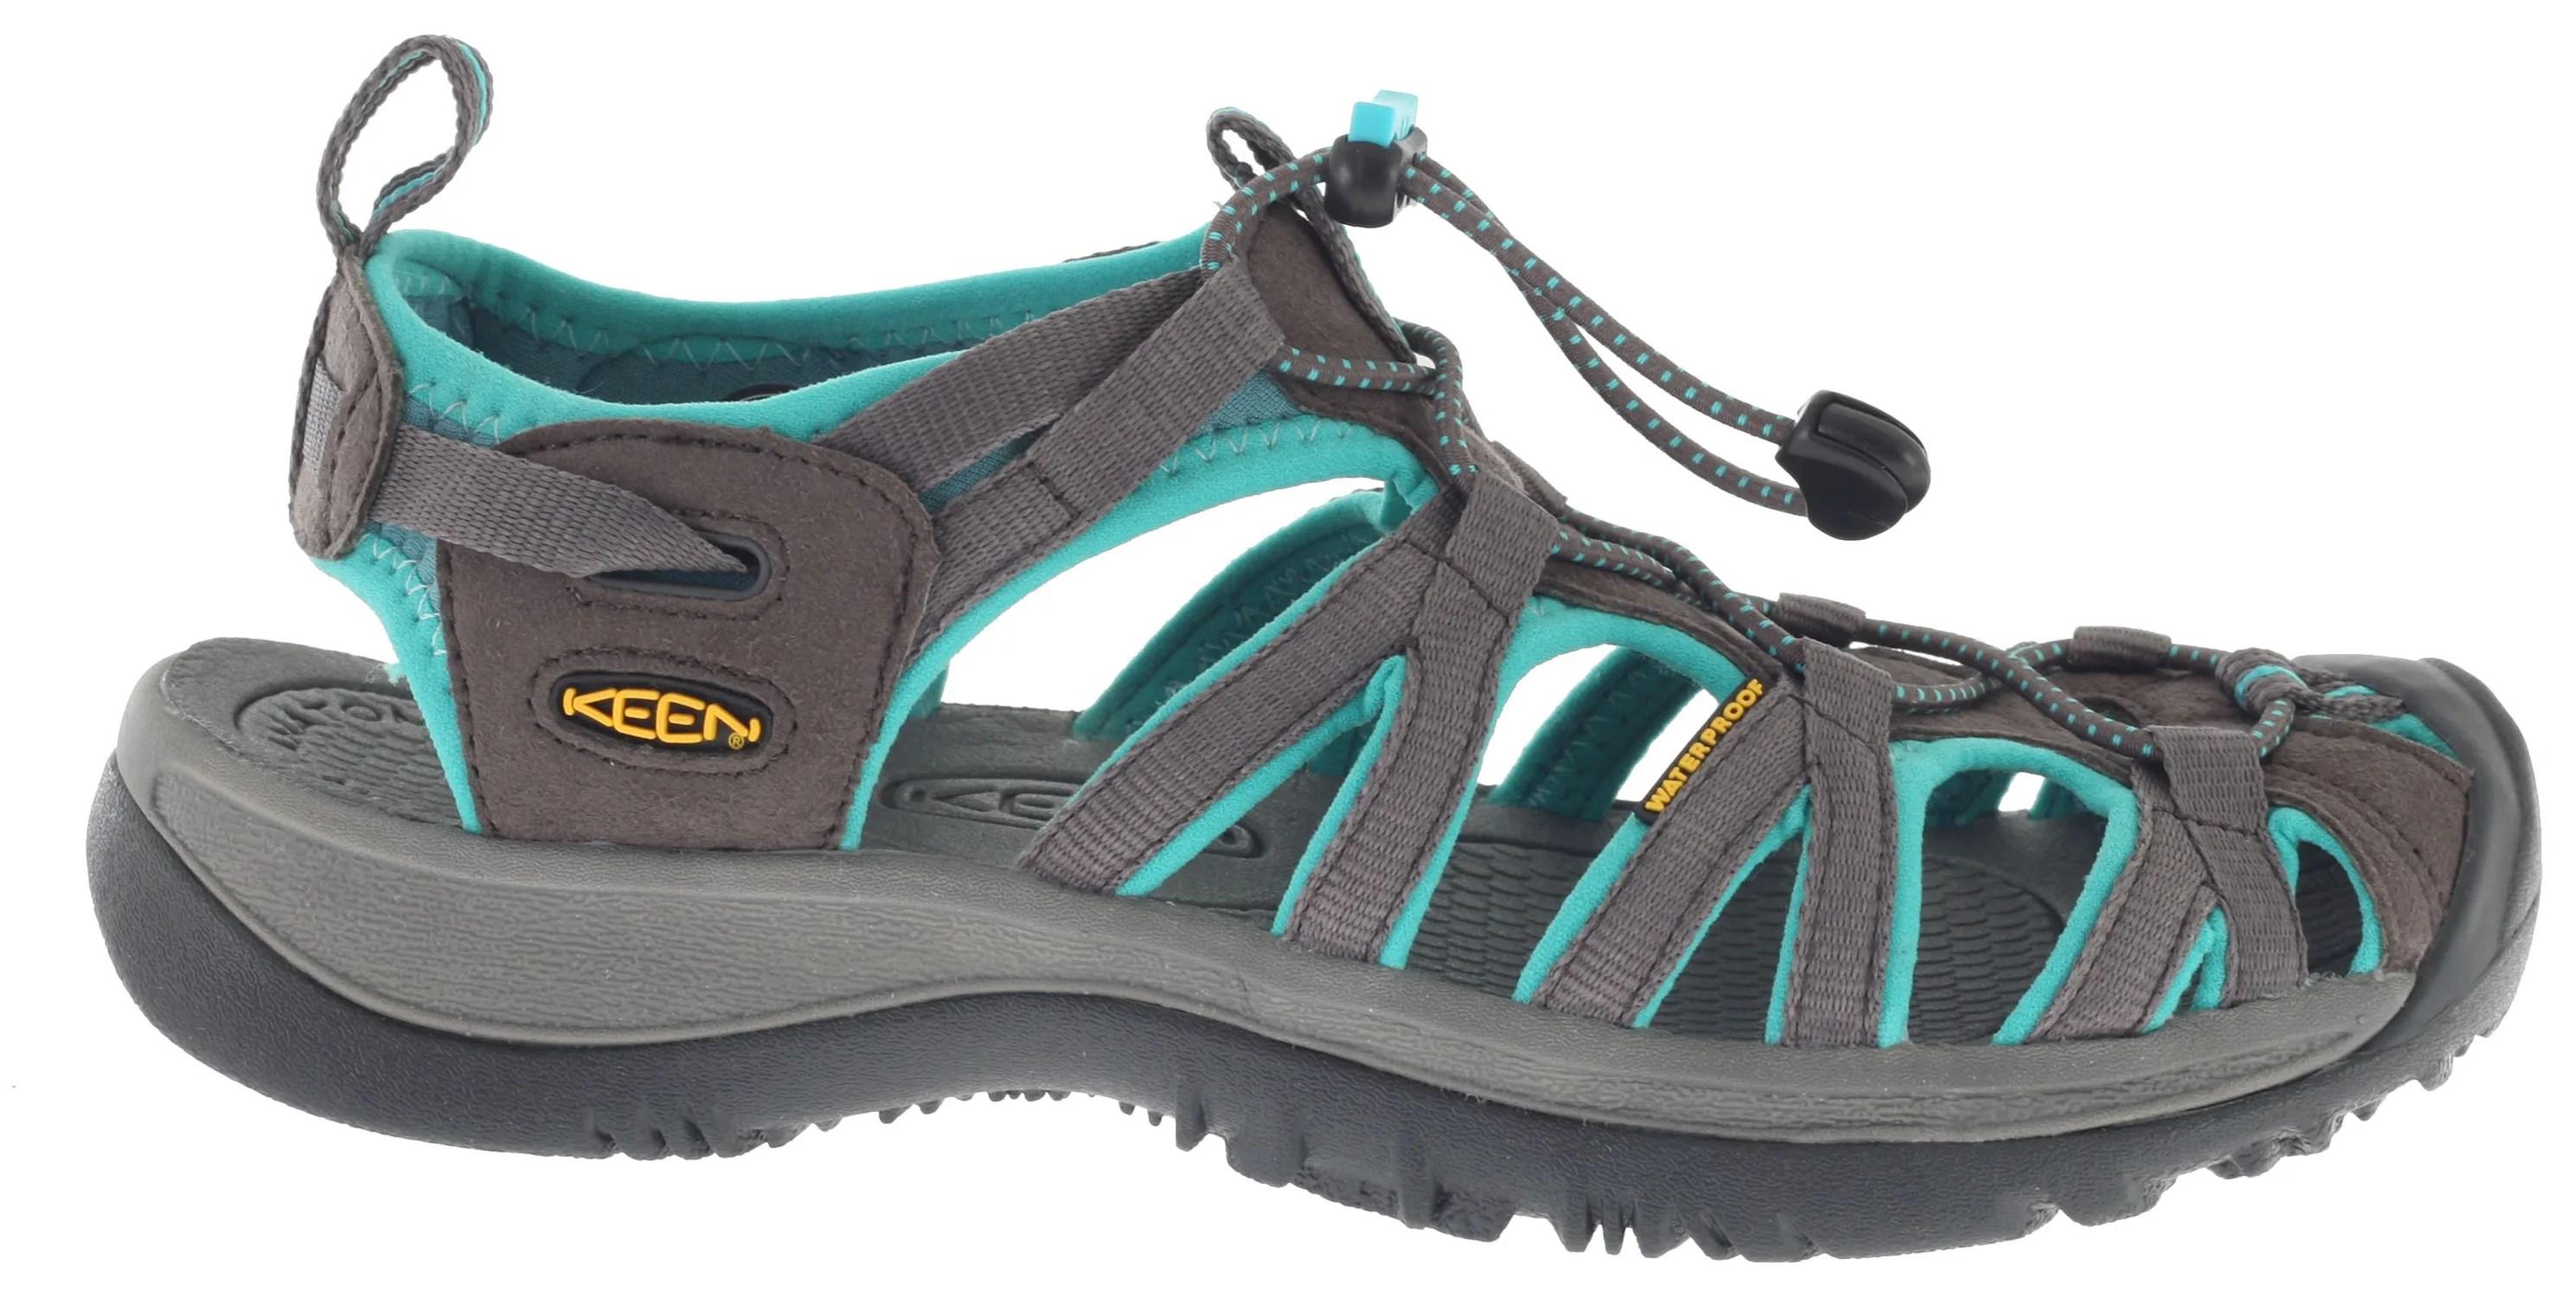 Water Shoe Reviews - Trailspace.com